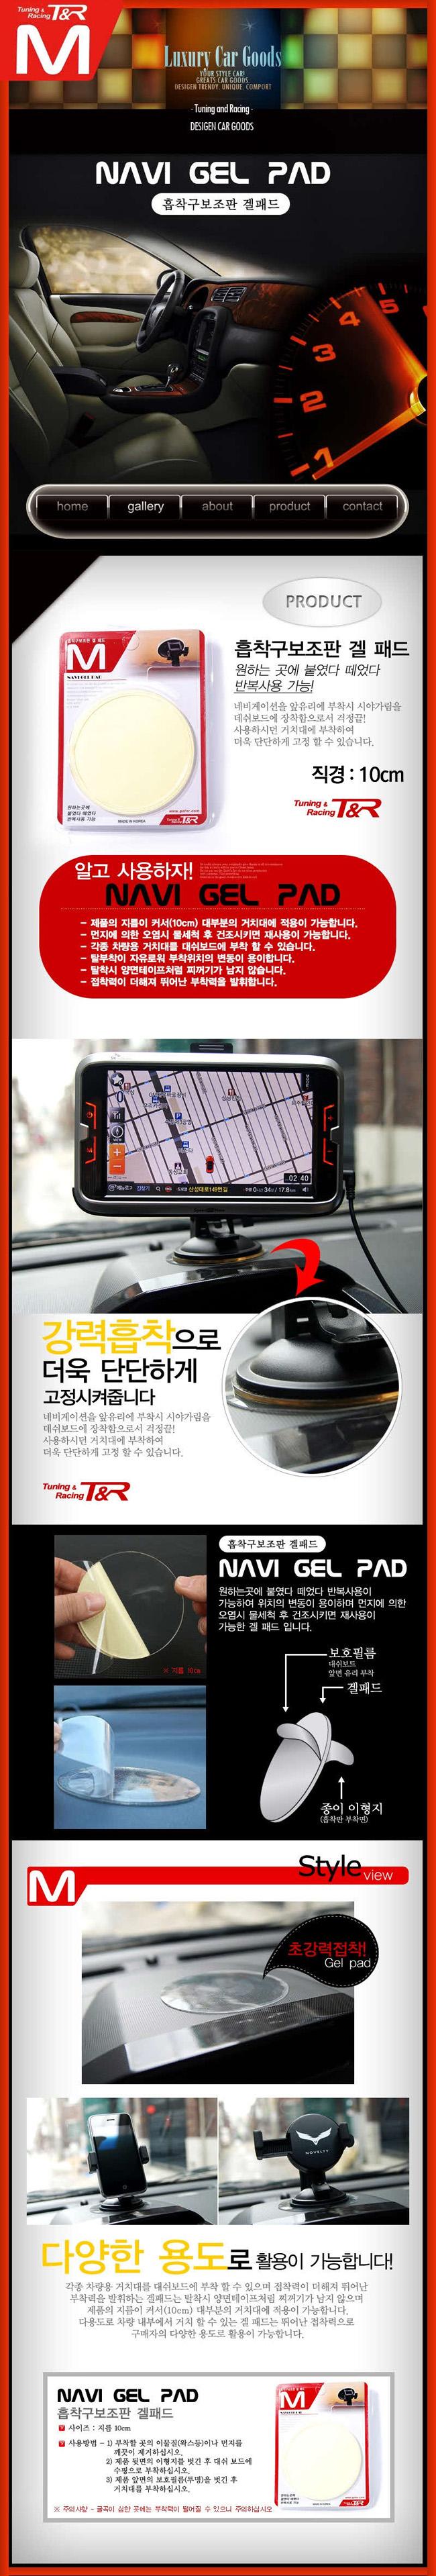 [T&R] 내비 스마트폰 거치대 흡착구보조용 겔패드 100